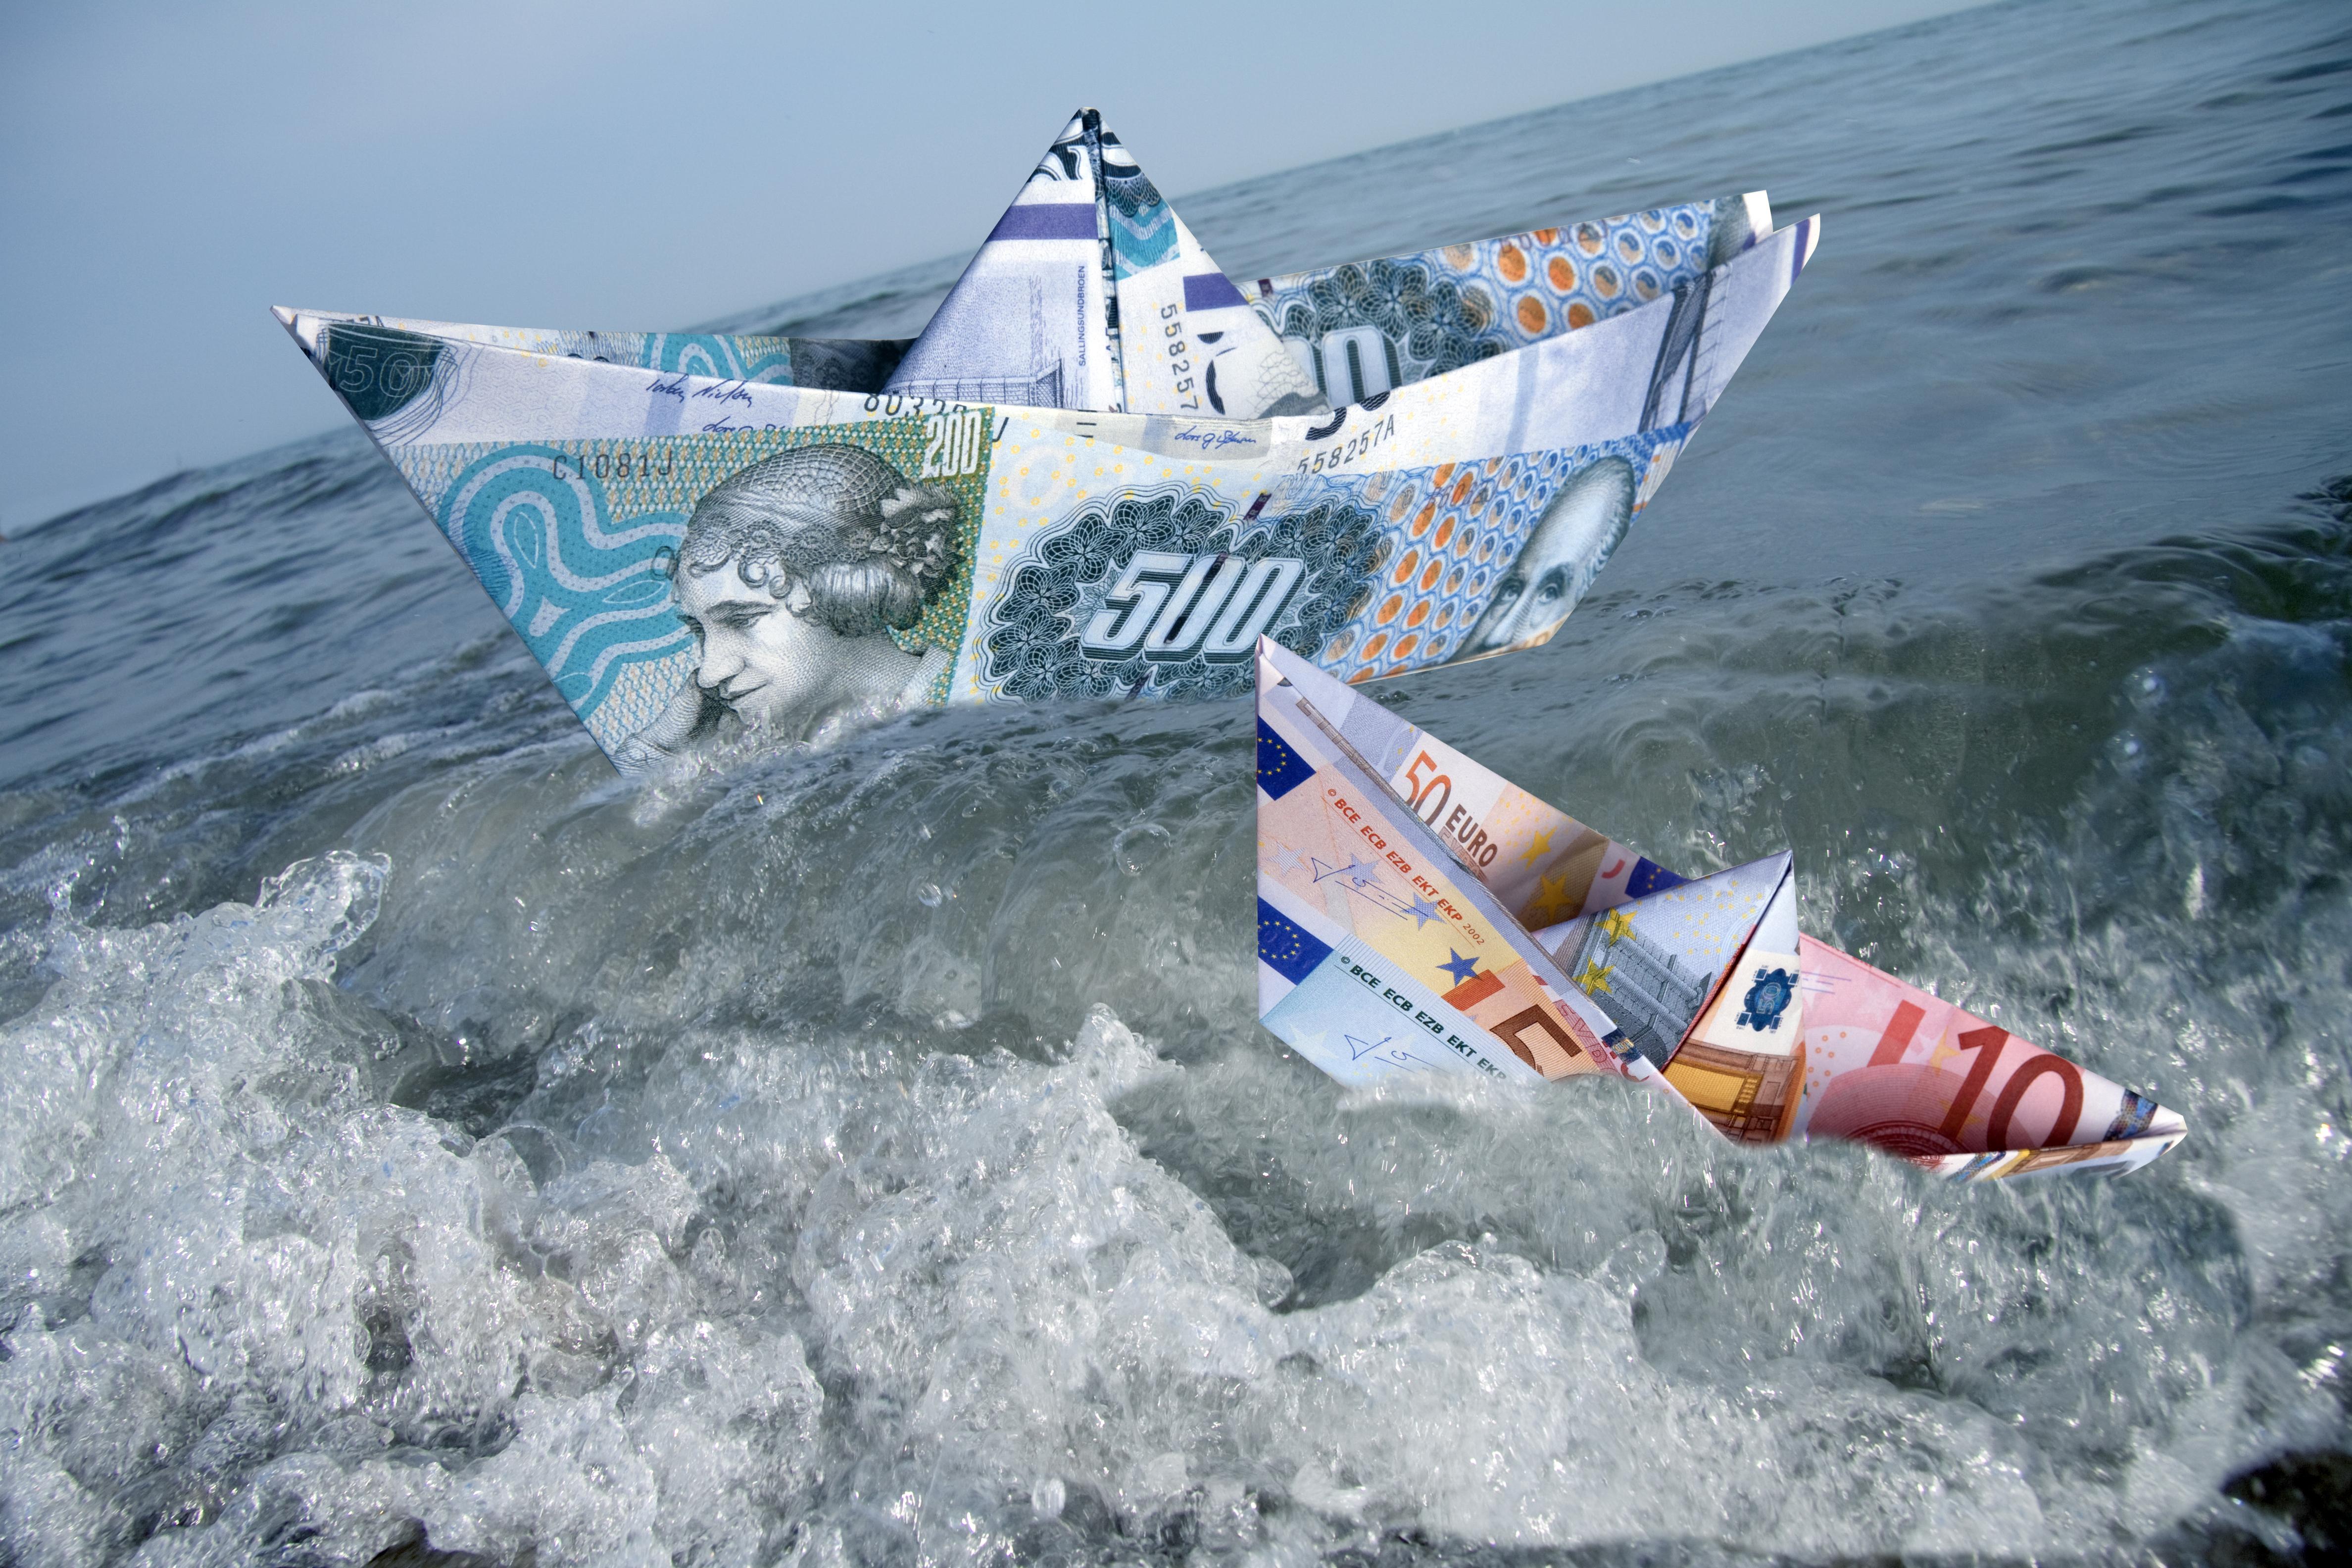 Papirbåd af penge